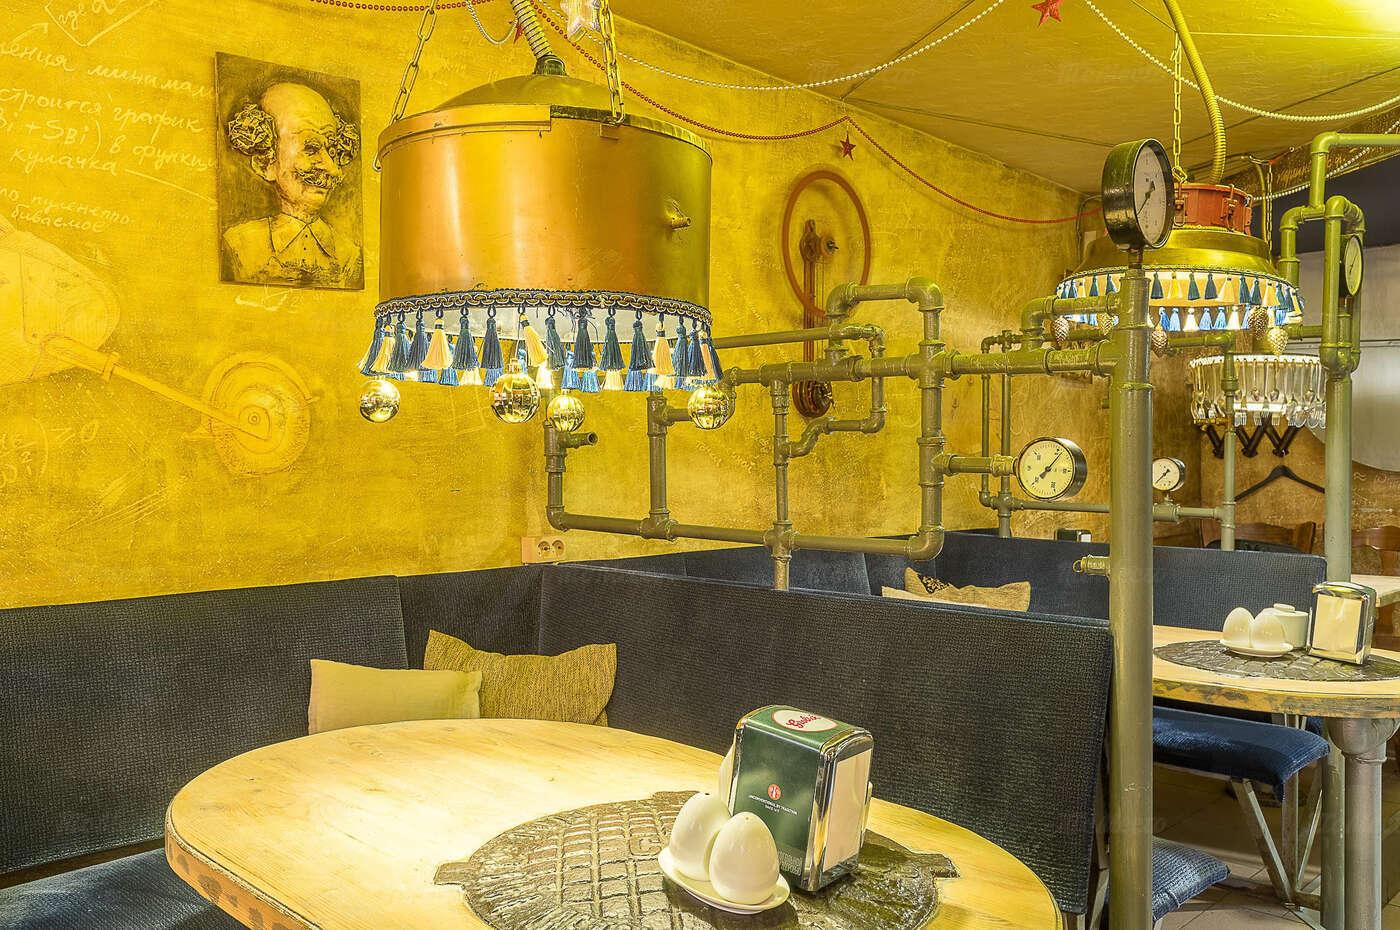 Кафе Заводные яйца на Фурштатской улице фото 9